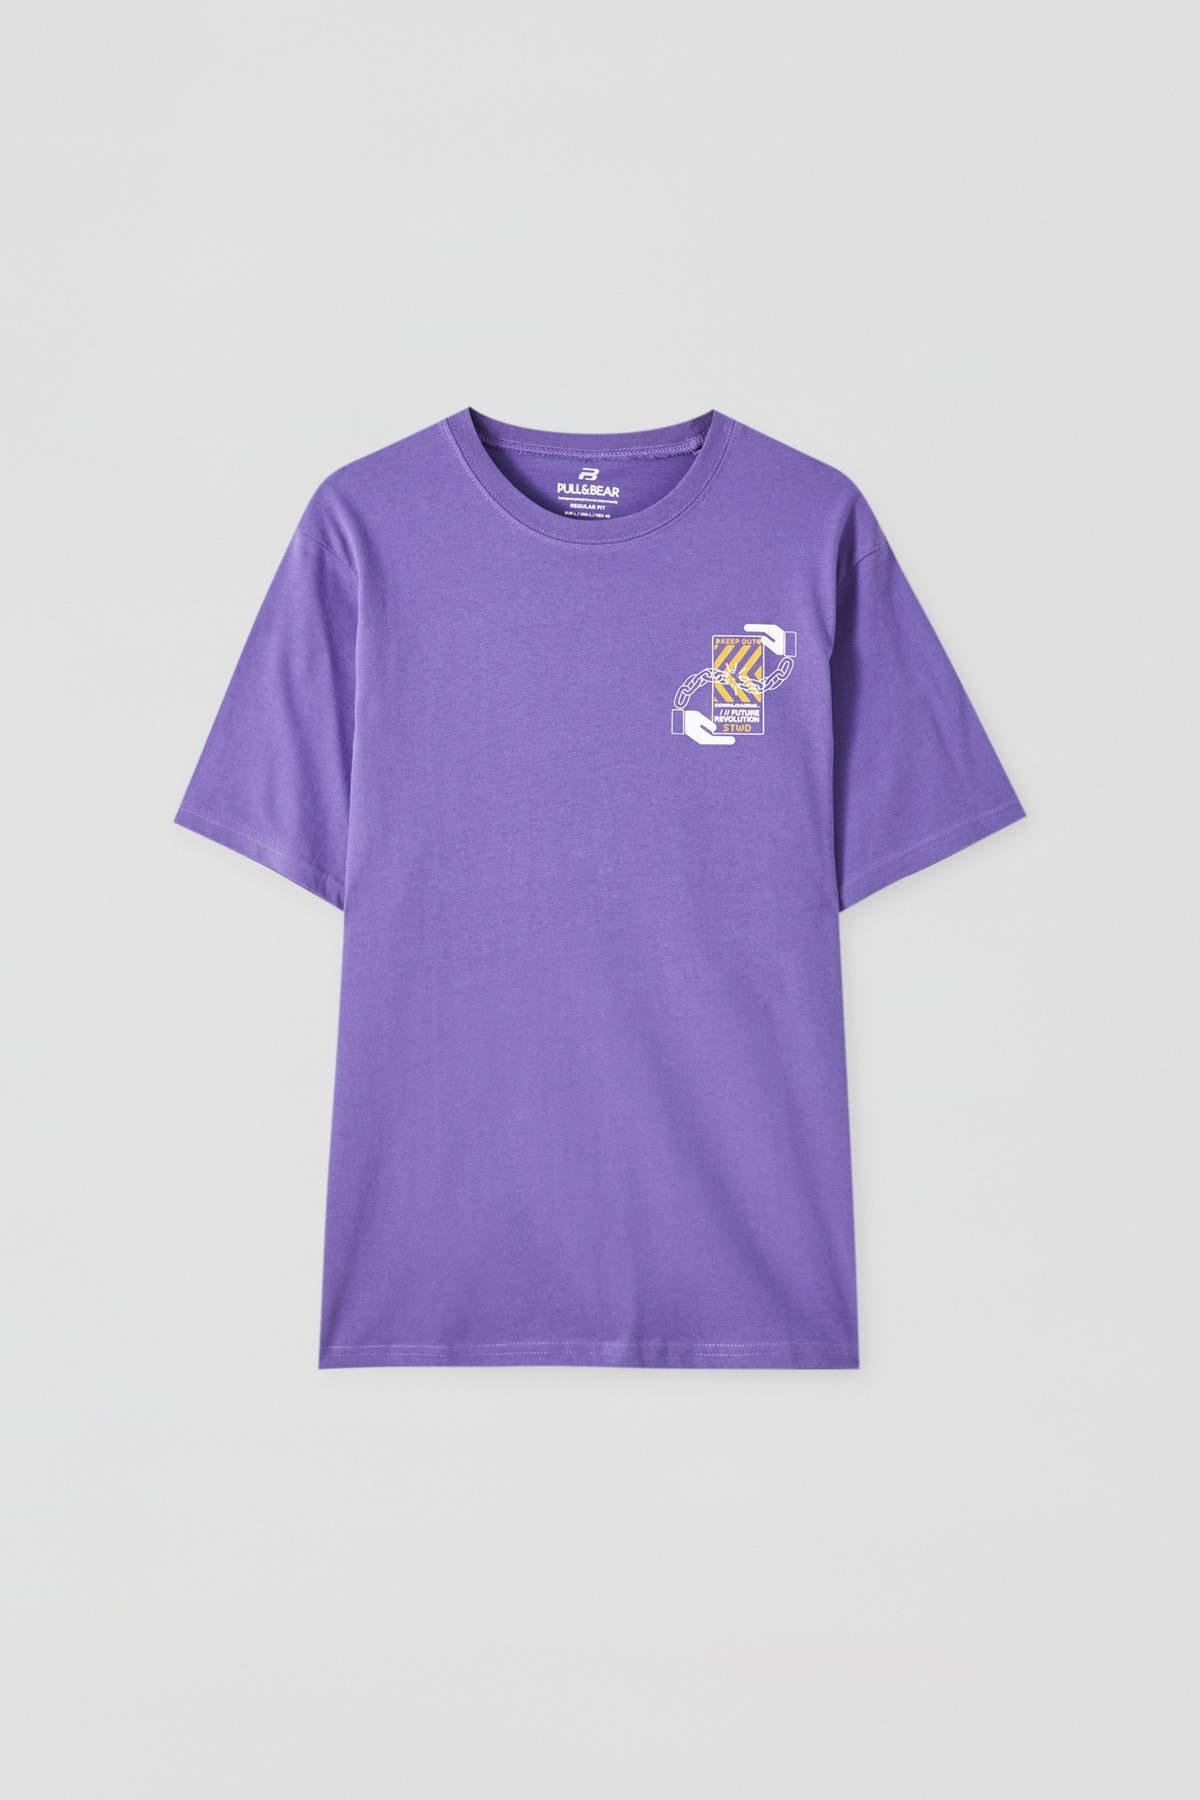 Pull & Bear Erkek Koyu Mor 3D Küp Desenli T-Shirt 09247566 4